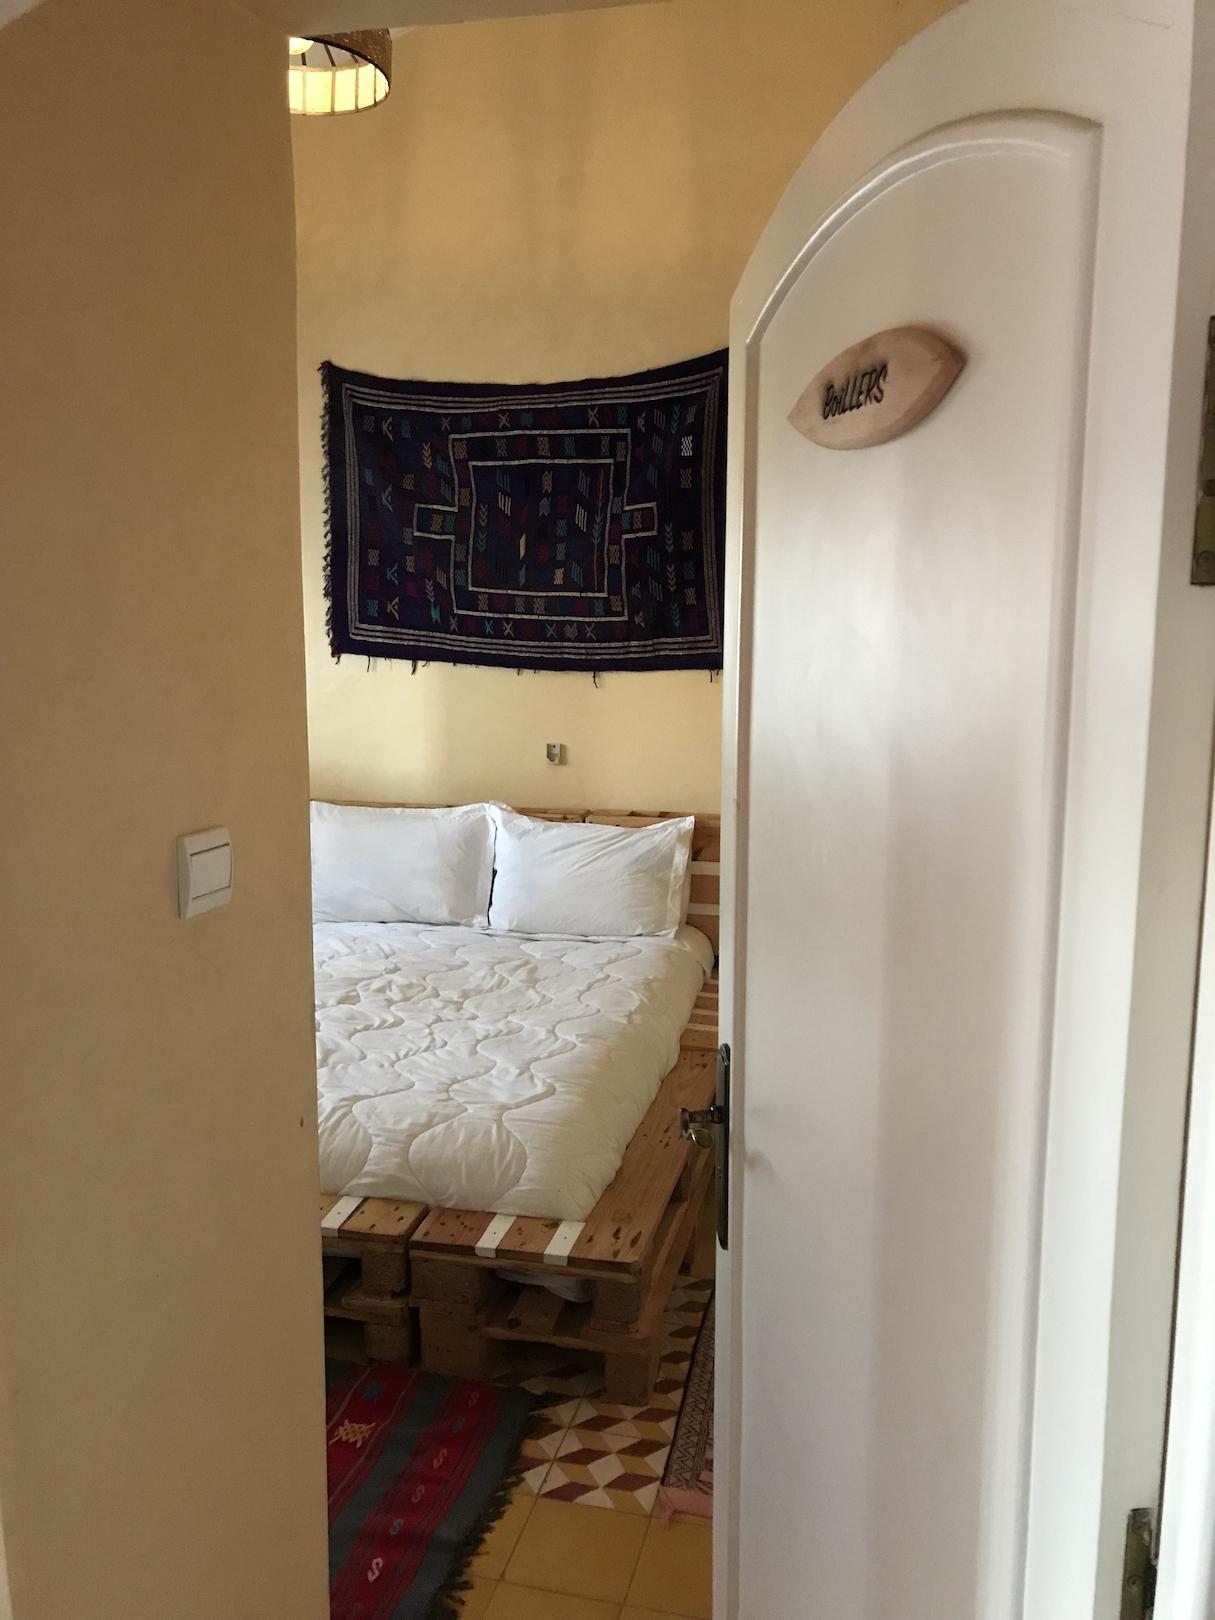 Gemütliche Zimmer! credit: Vincent Frey